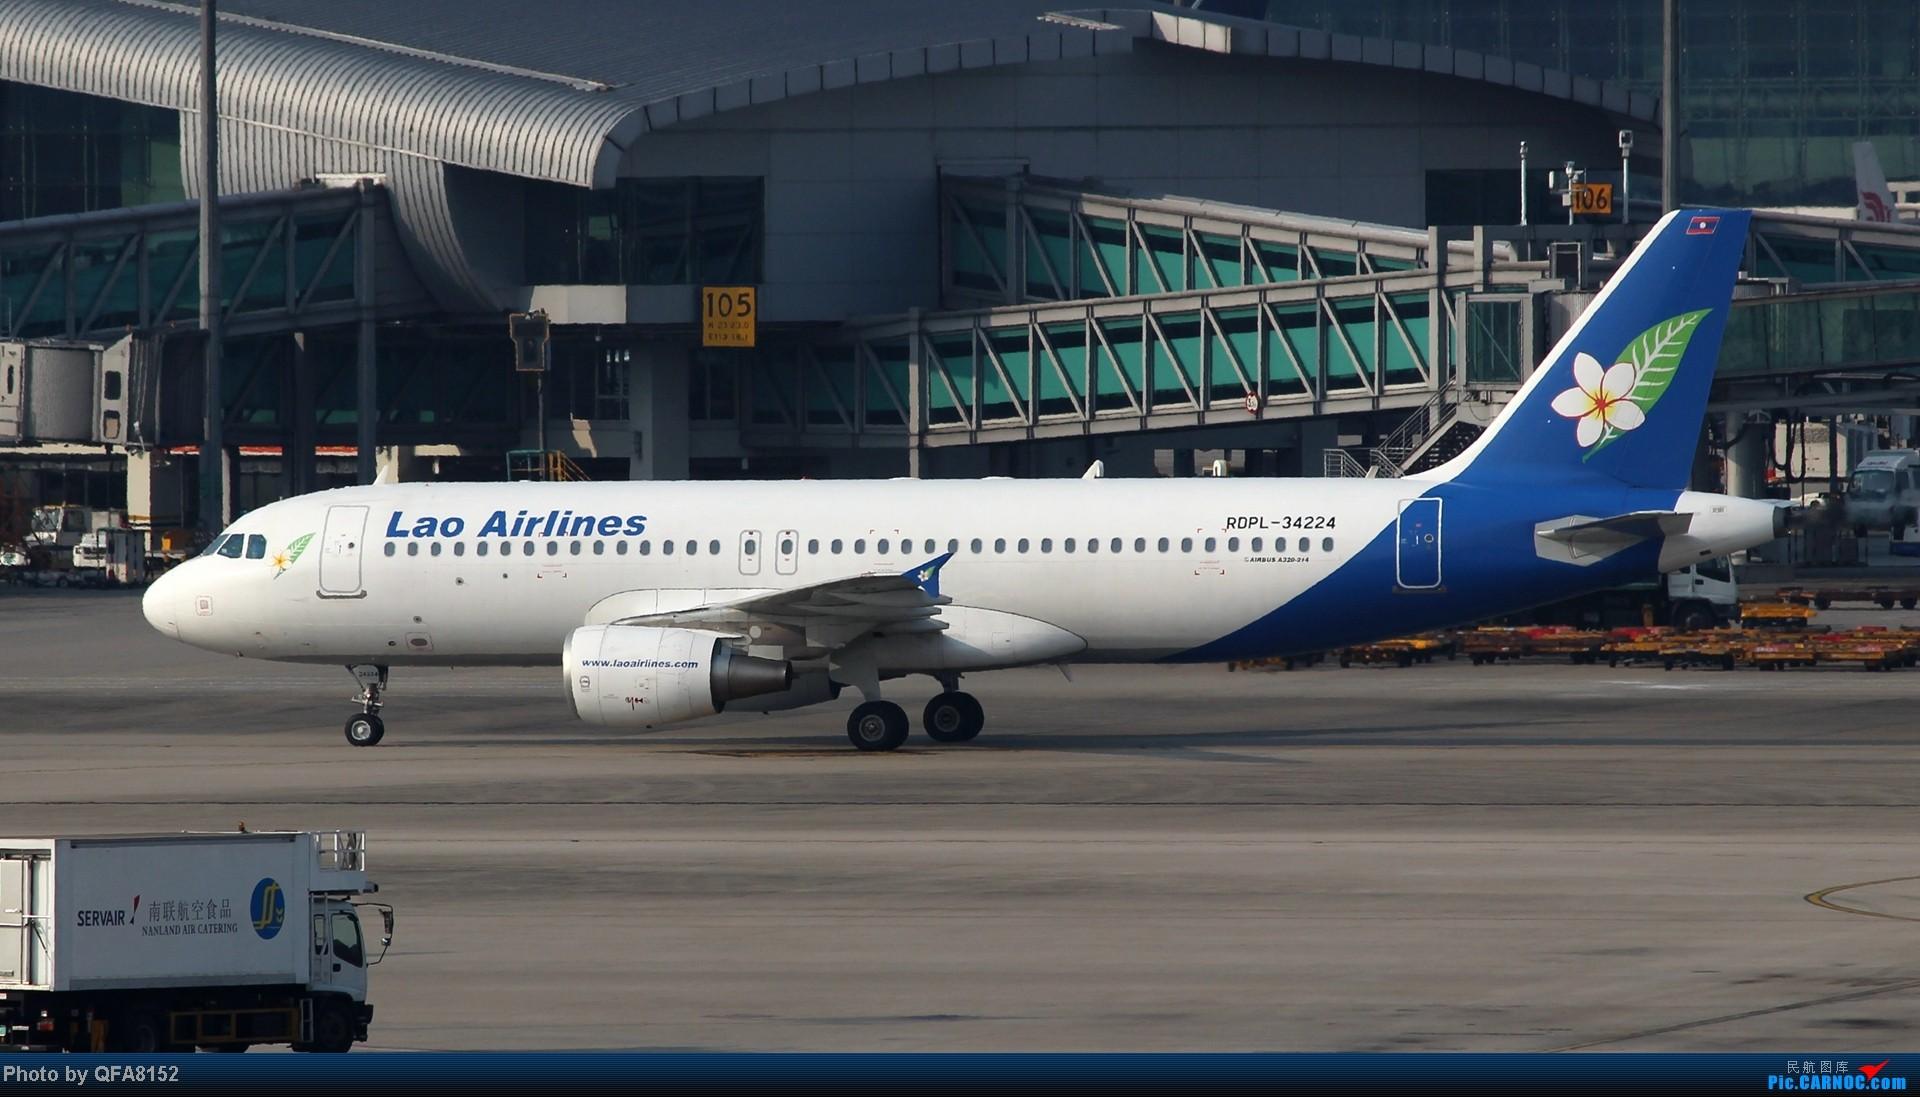 Re:[原创]2014.10.2广州白云消防塔拍机 AIRBUS A320-200 RDPL-34224 中国广州白云机场